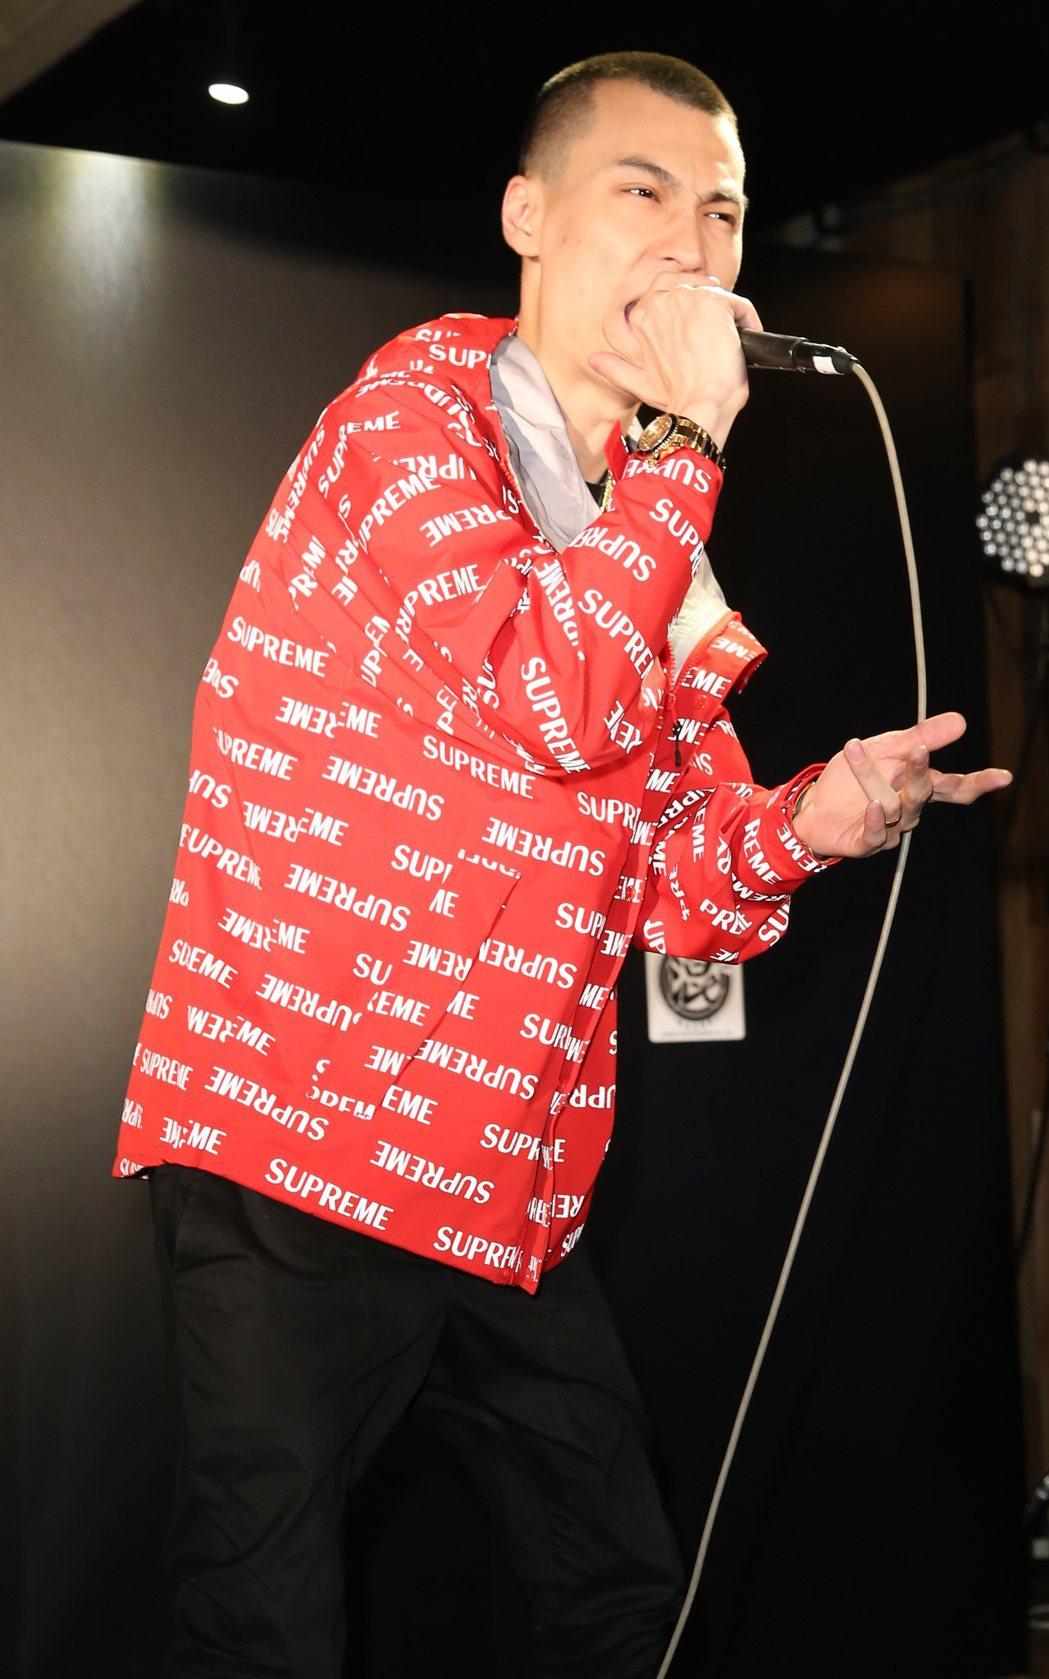 嘻哈天菜TY出新專輯,用四川話唱RAP。記者陳正興/攝影